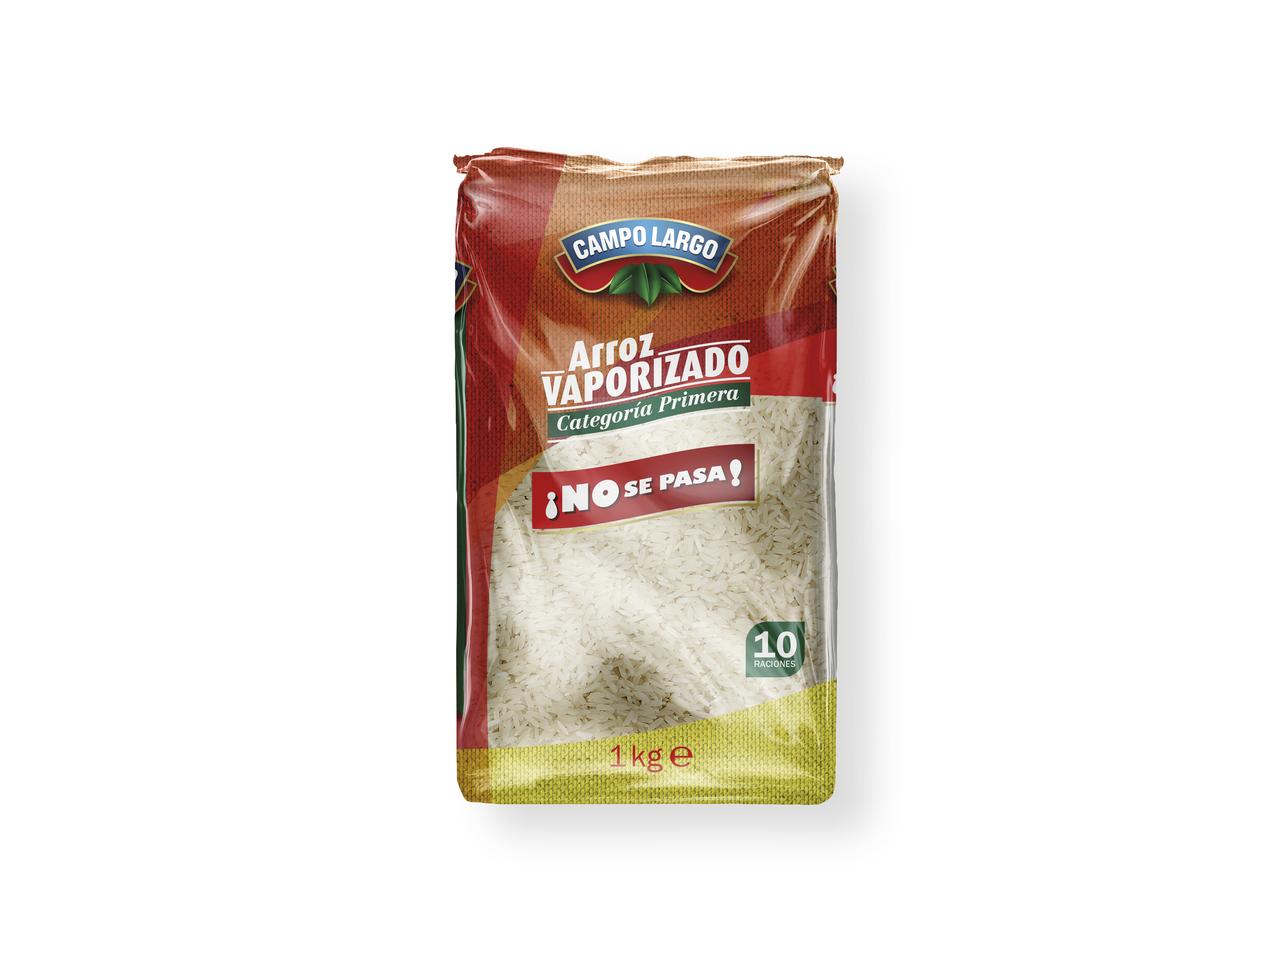 Resultado de imagen de arroz vaporizado campolargo Lidl